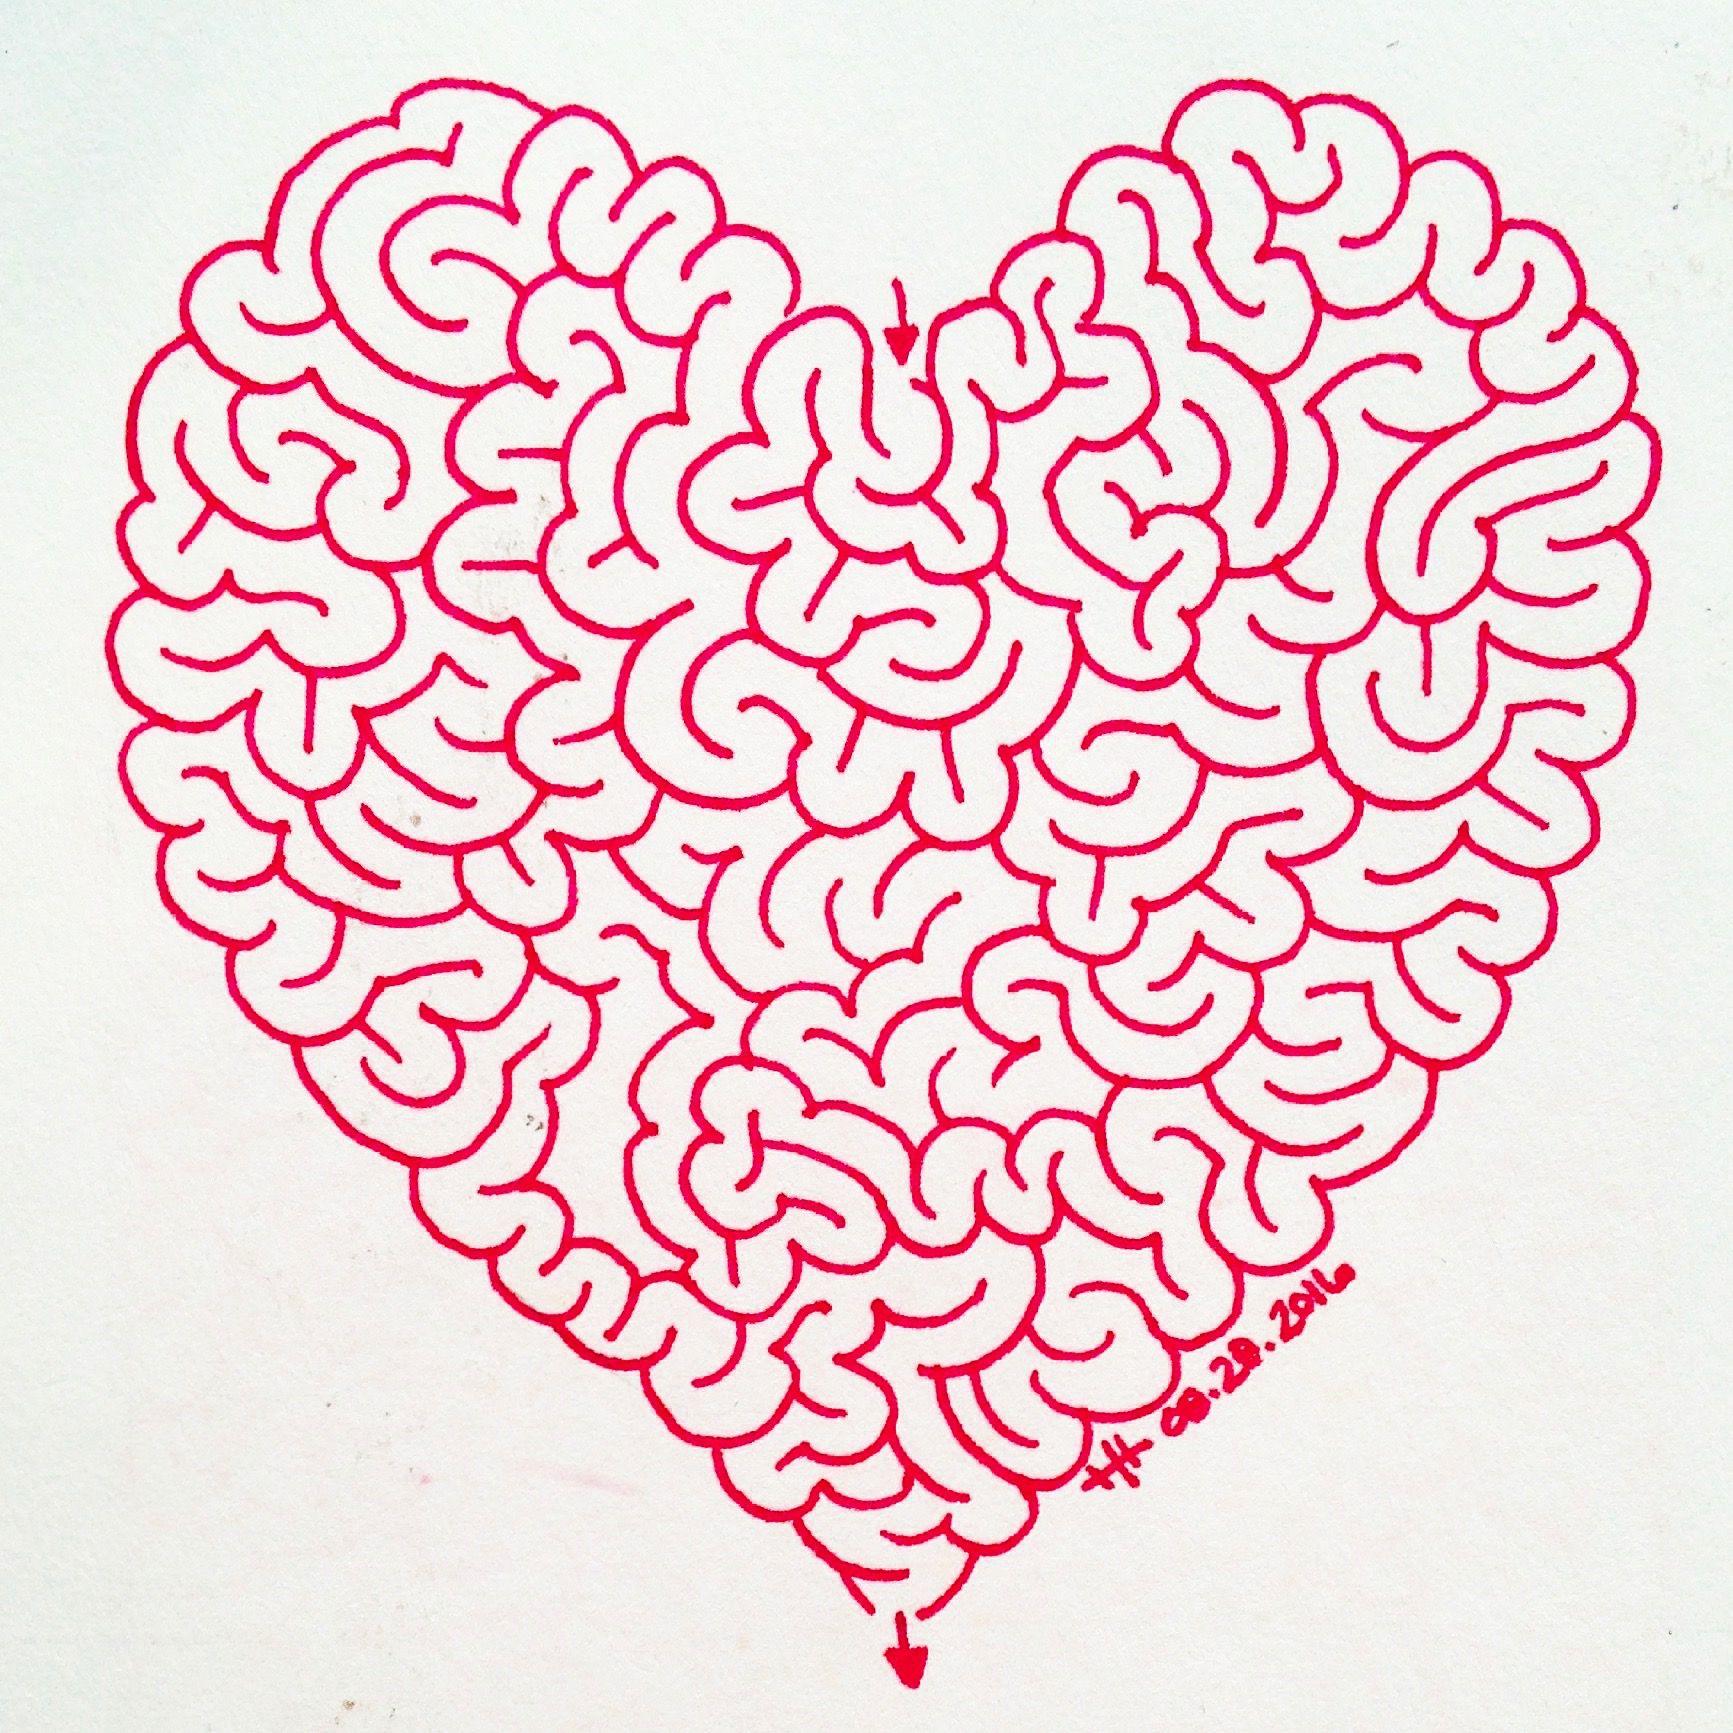 Lady Labyrinth Brain Maze Heather Hoesl